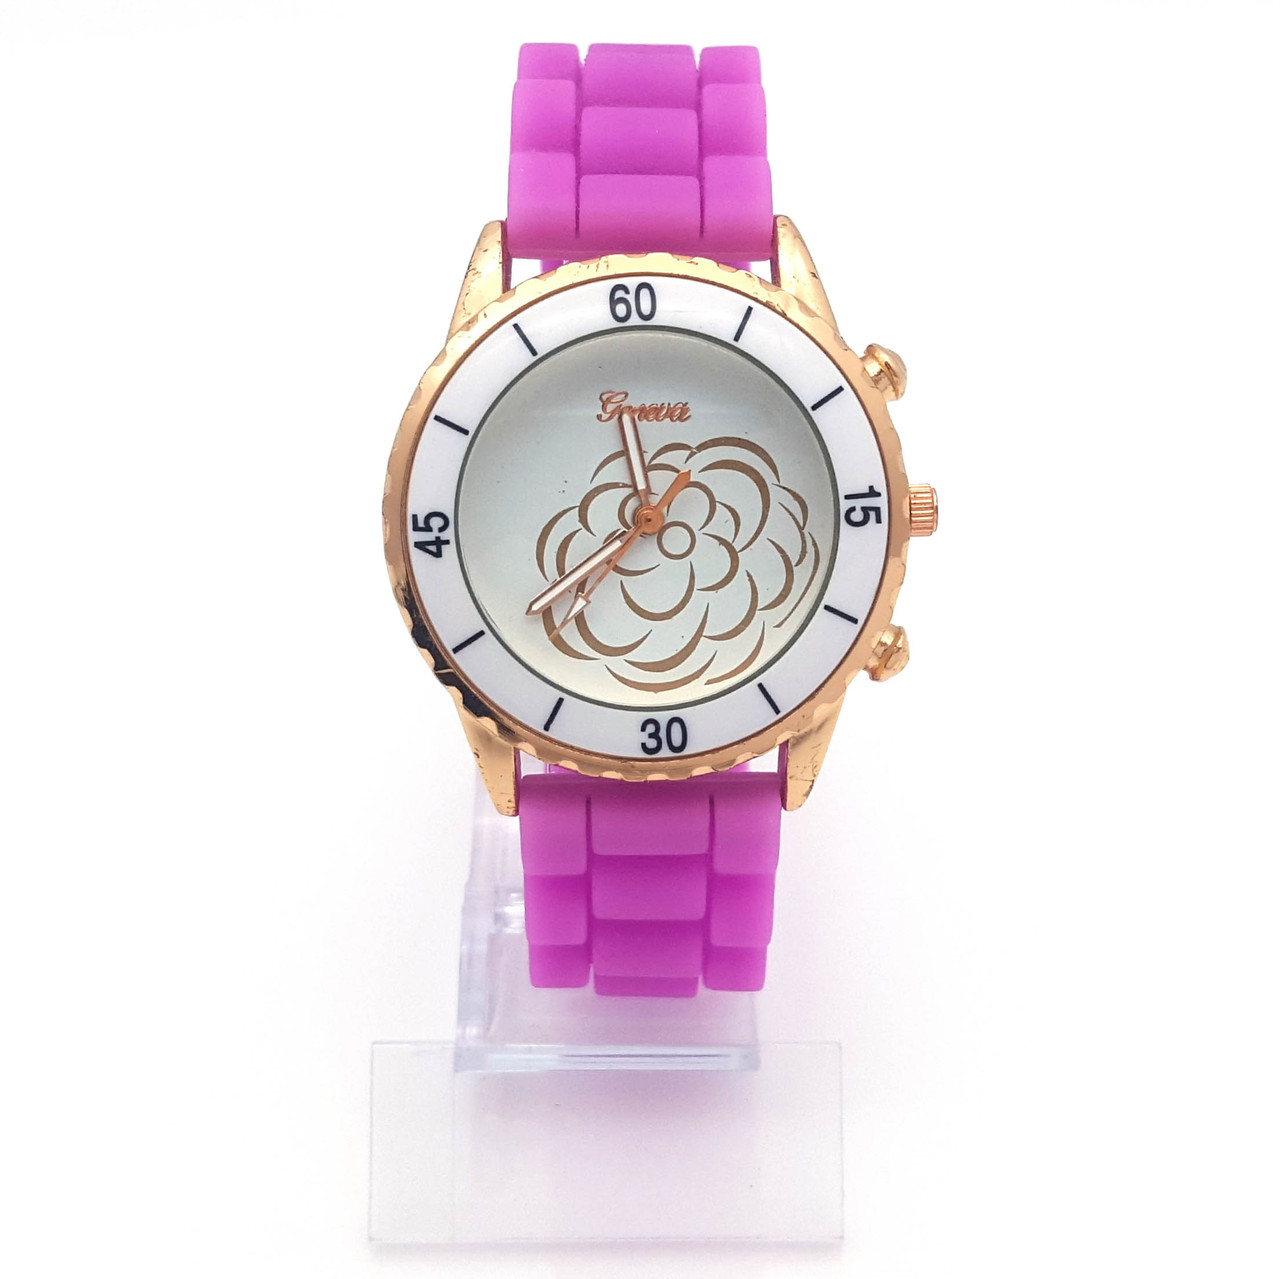 Часы на фиолетовом силиконовом ремешке, длина 18-21см, циферблат  39мм